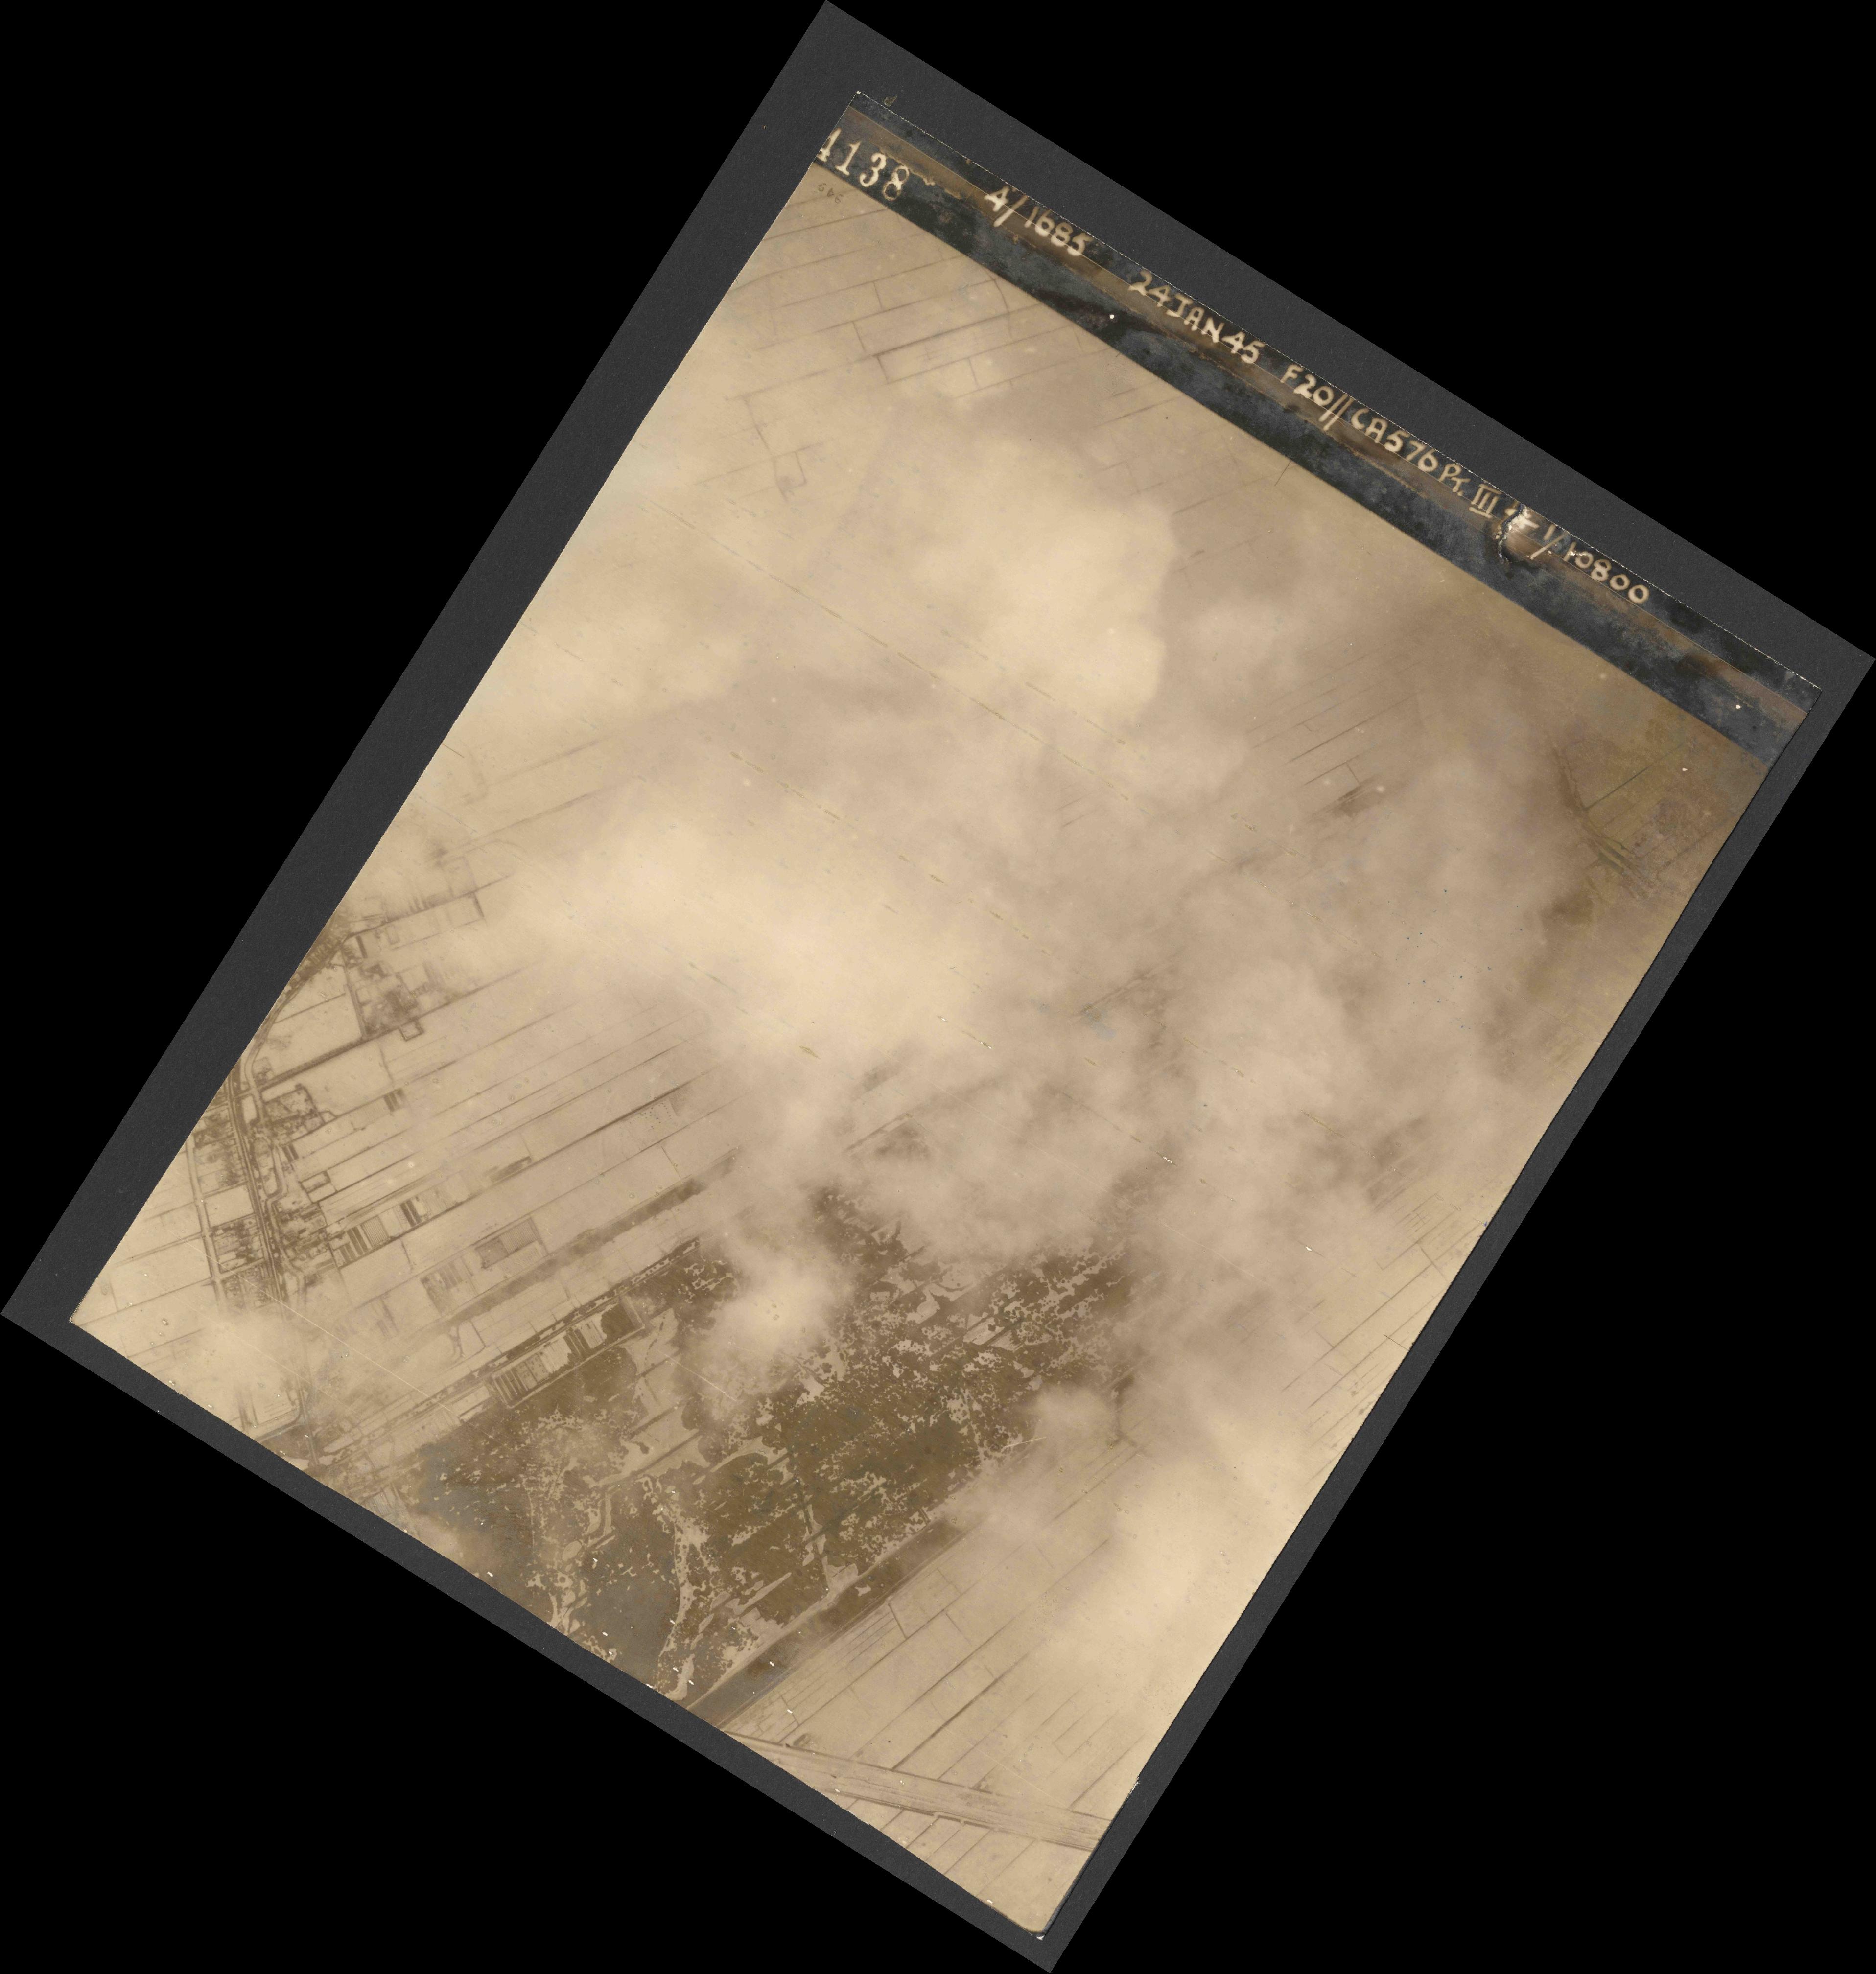 Collection RAF aerial photos 1940-1945 - flight 086, run 01, photo 4138